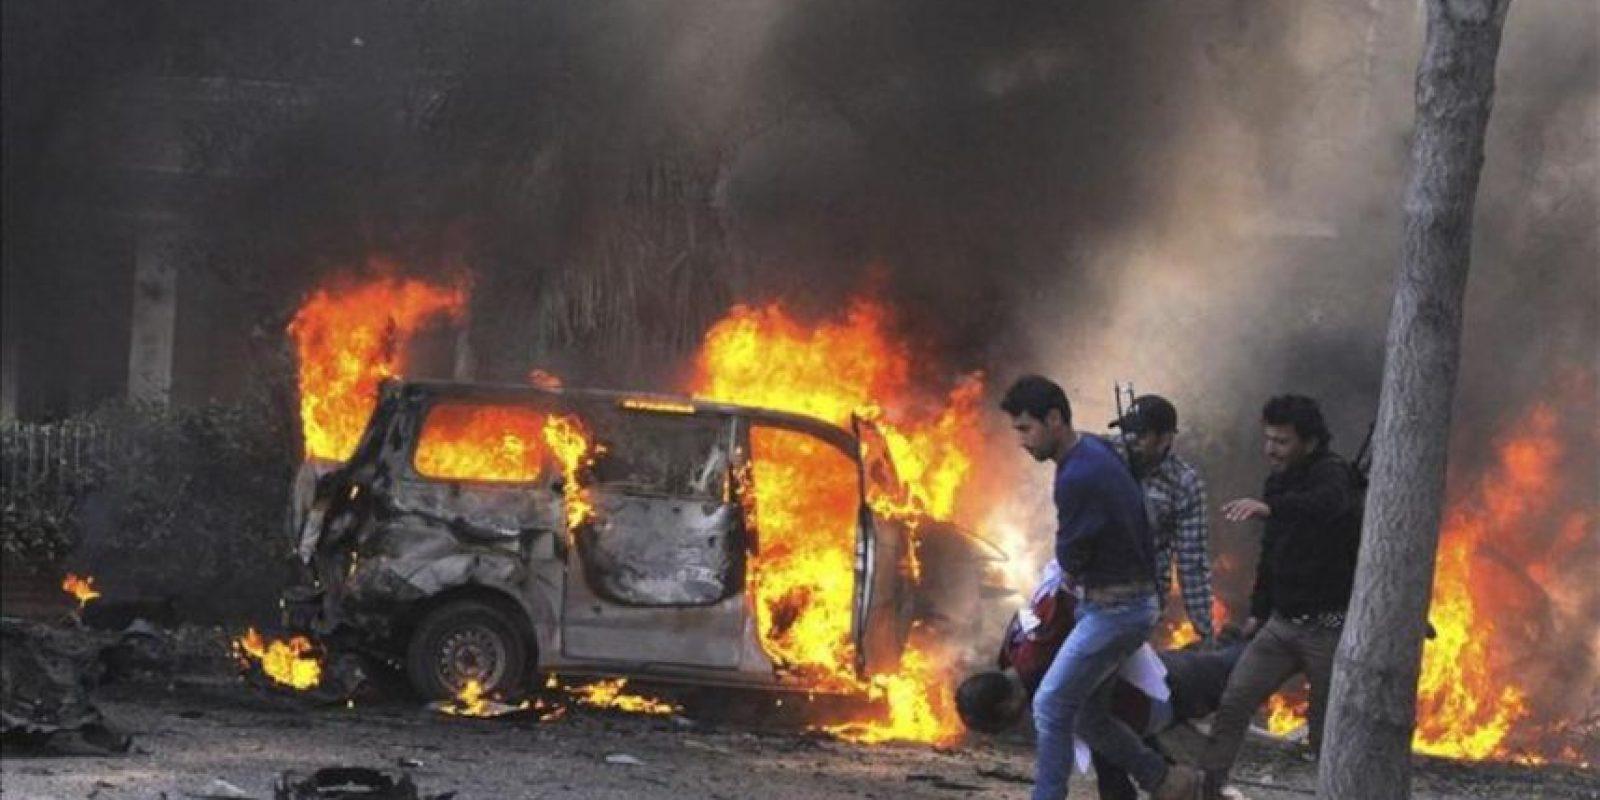 Fotografía distribuida por la agencia de noticias oficial siria SANA que muestra a tres rebeldes sirios que llevan en volandas a un hombre que resultó herido tras la gran explosión causada hoy por un coche bomba en el centro de Damasco. EFE/SANA